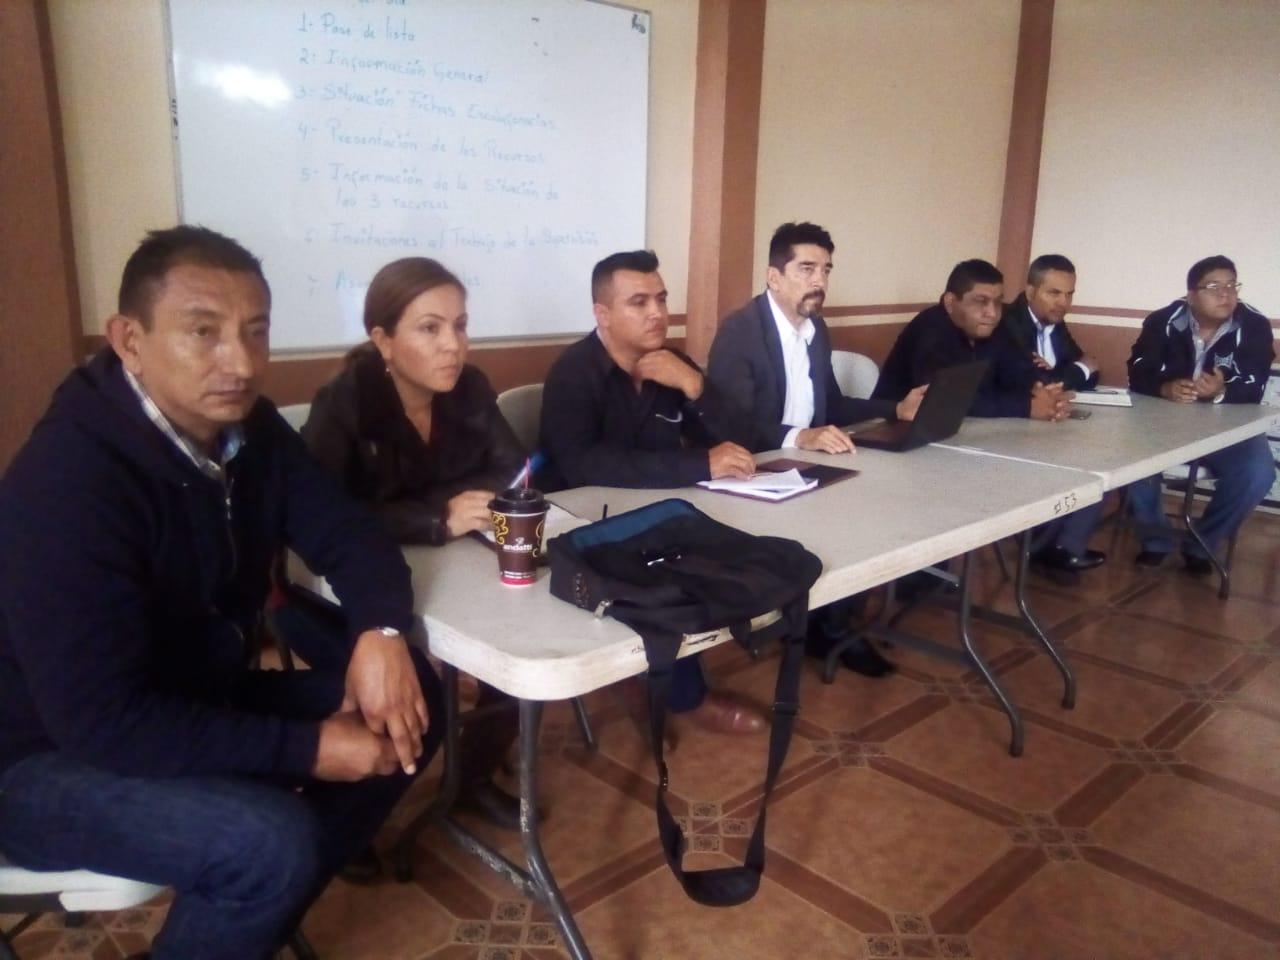 PROFESIONISTAS DE TACÁMABRO PARATICIPAN EN EL 4to. FORO PARA LA INTEGRACIÓN DEL PLAN DE DESARROLLO MUNICIPAL.